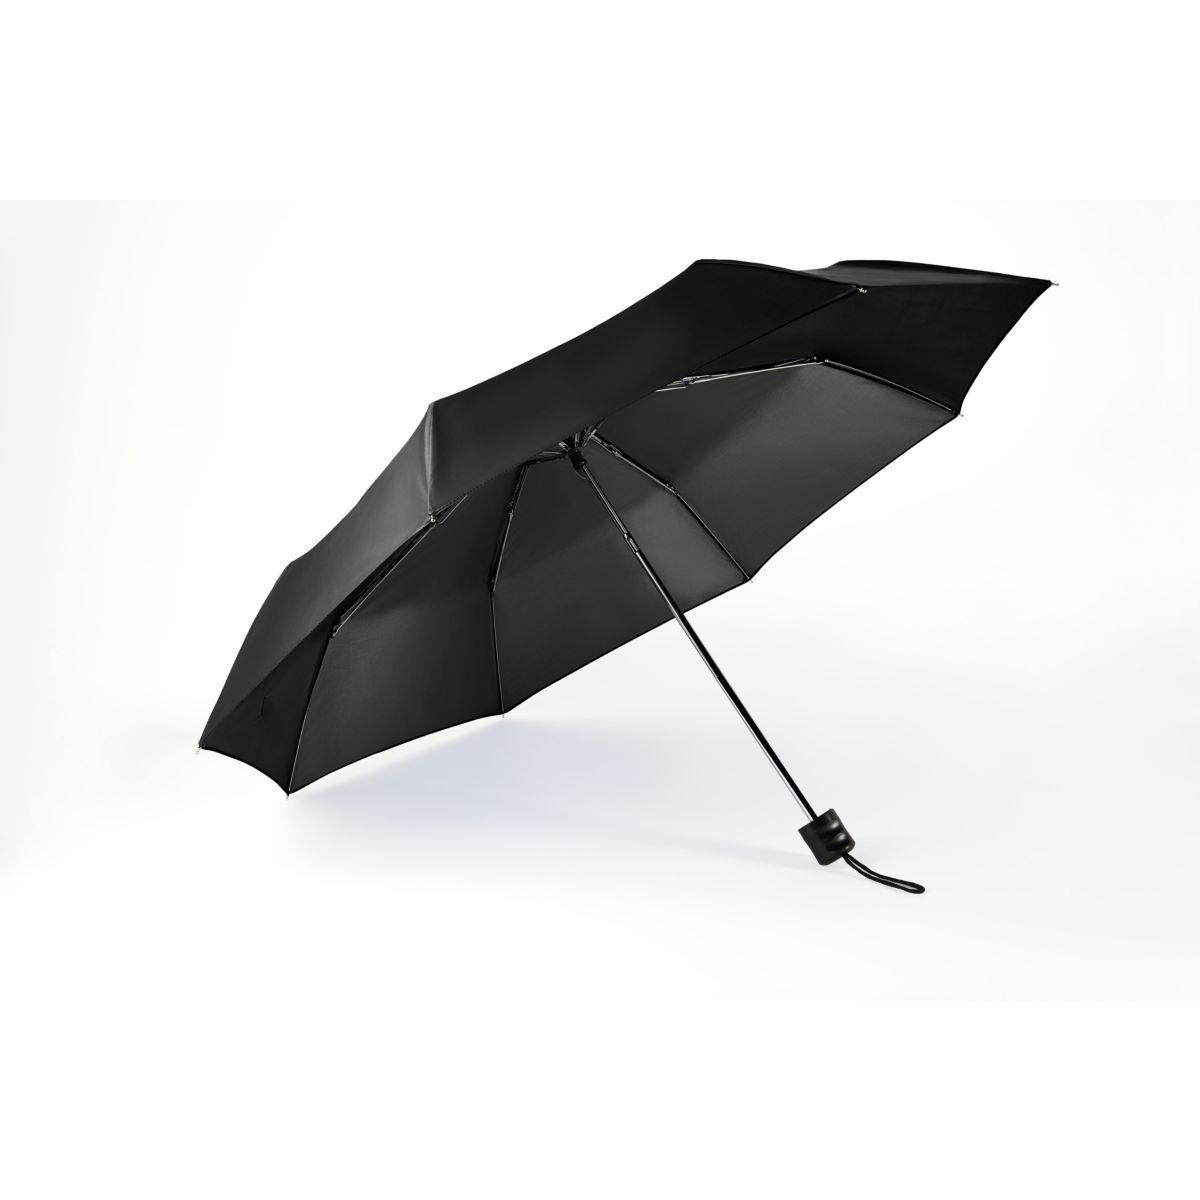 Parapluie noir - 10% de remise immédiate avec le code : cool10 (photo)